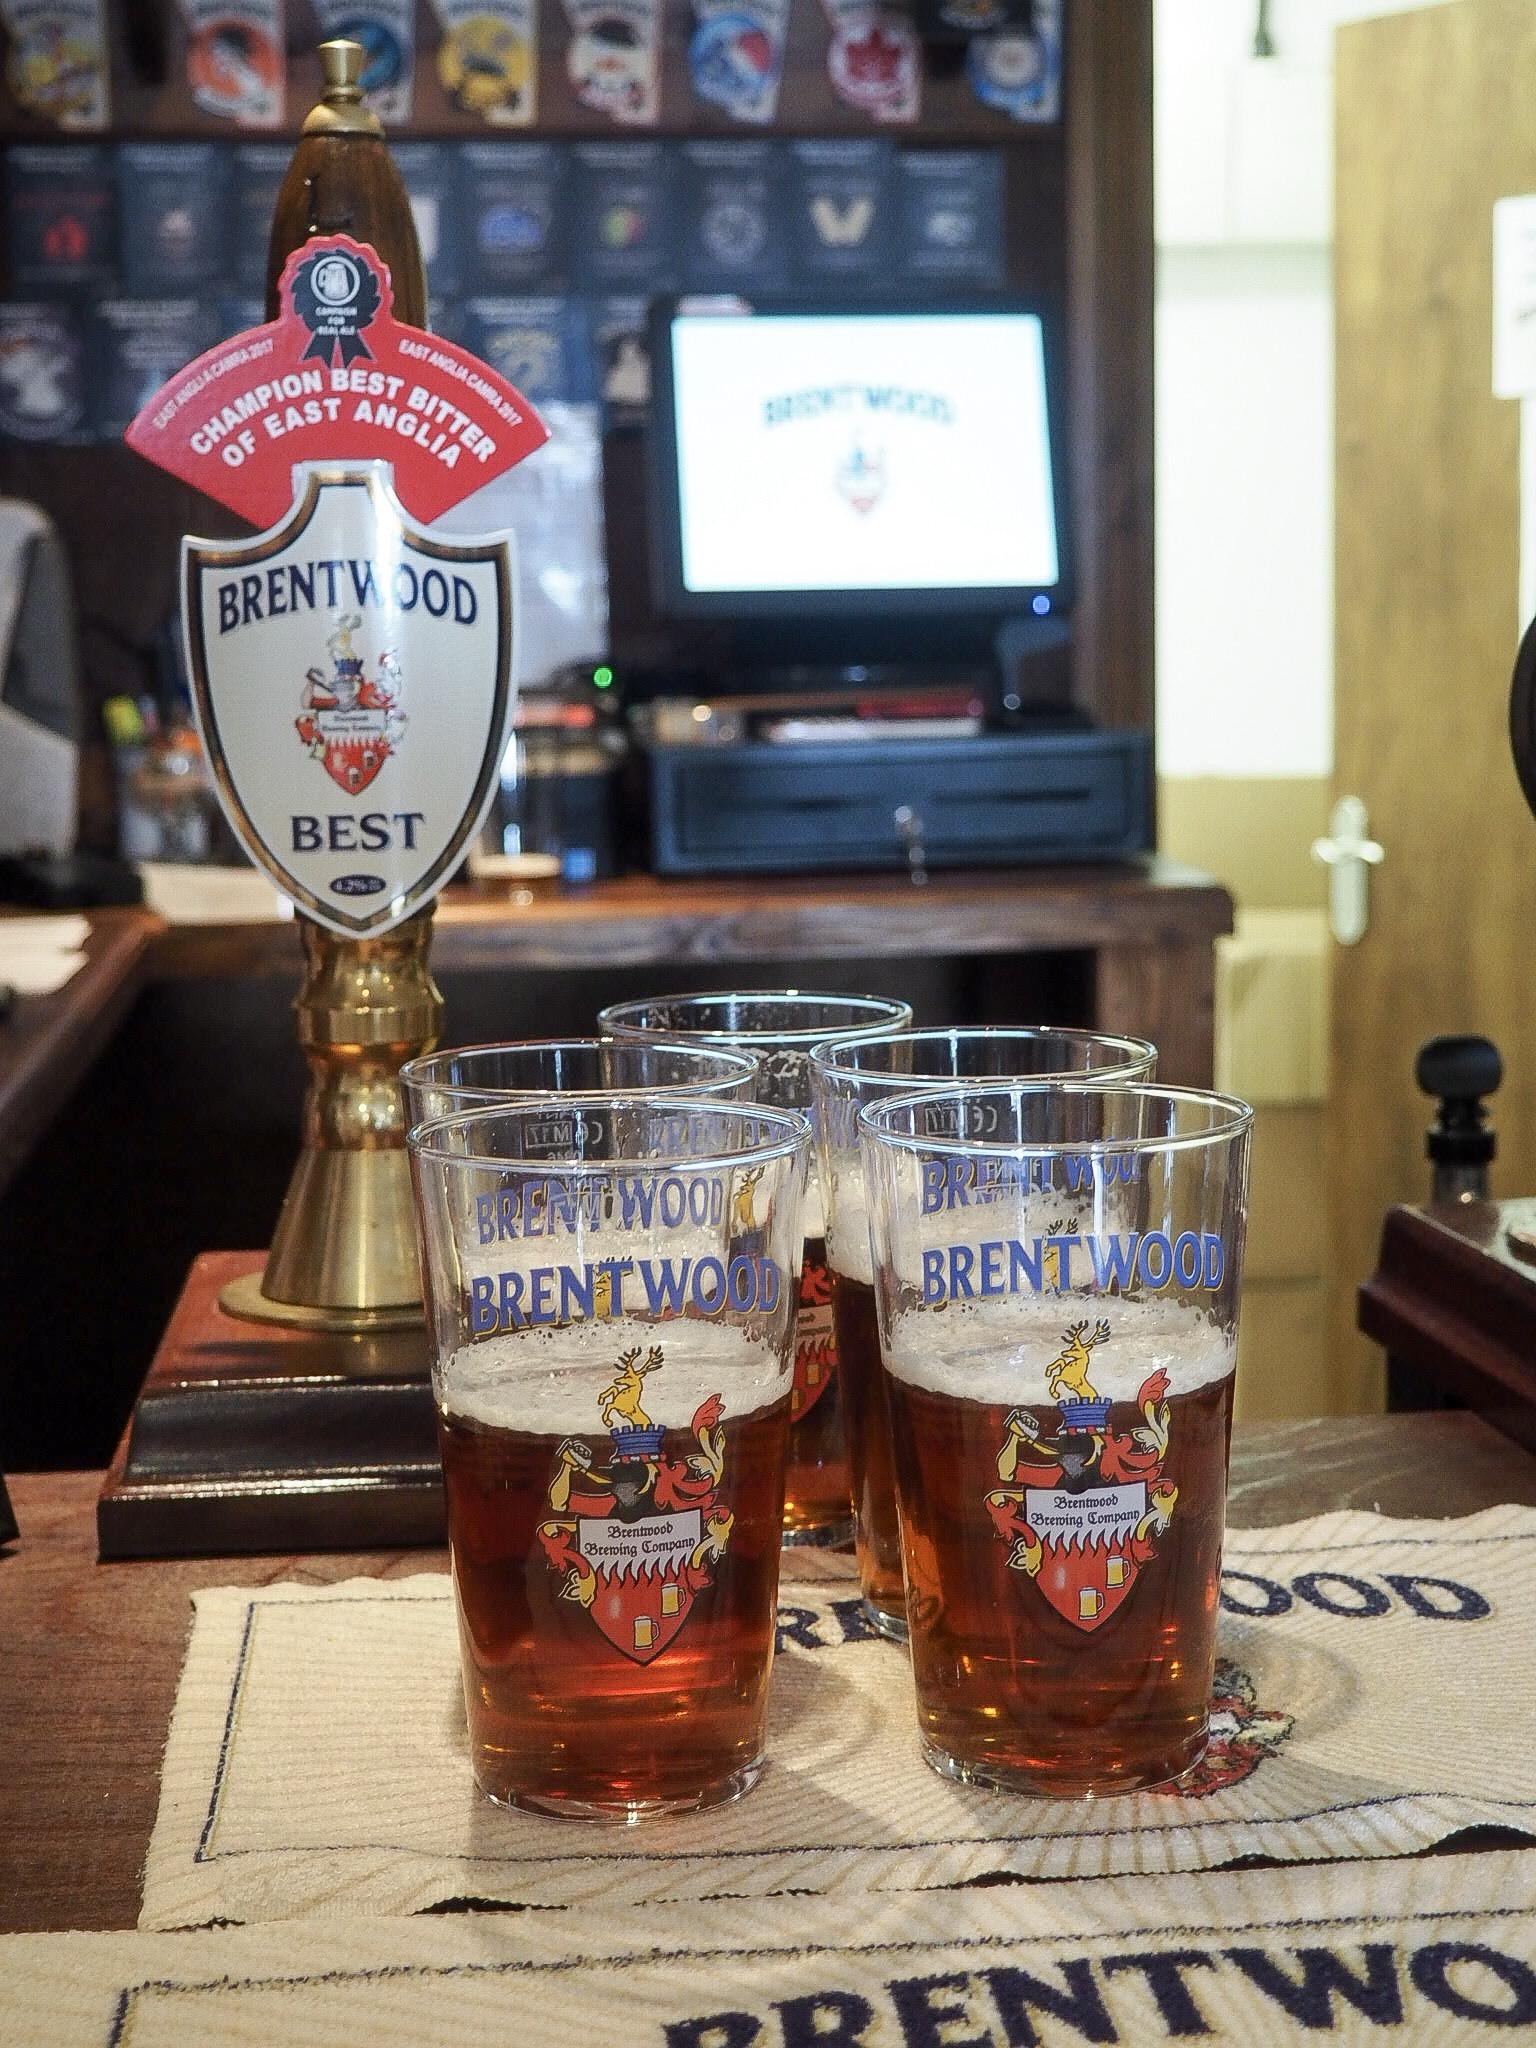 Brentwood Brewery beer